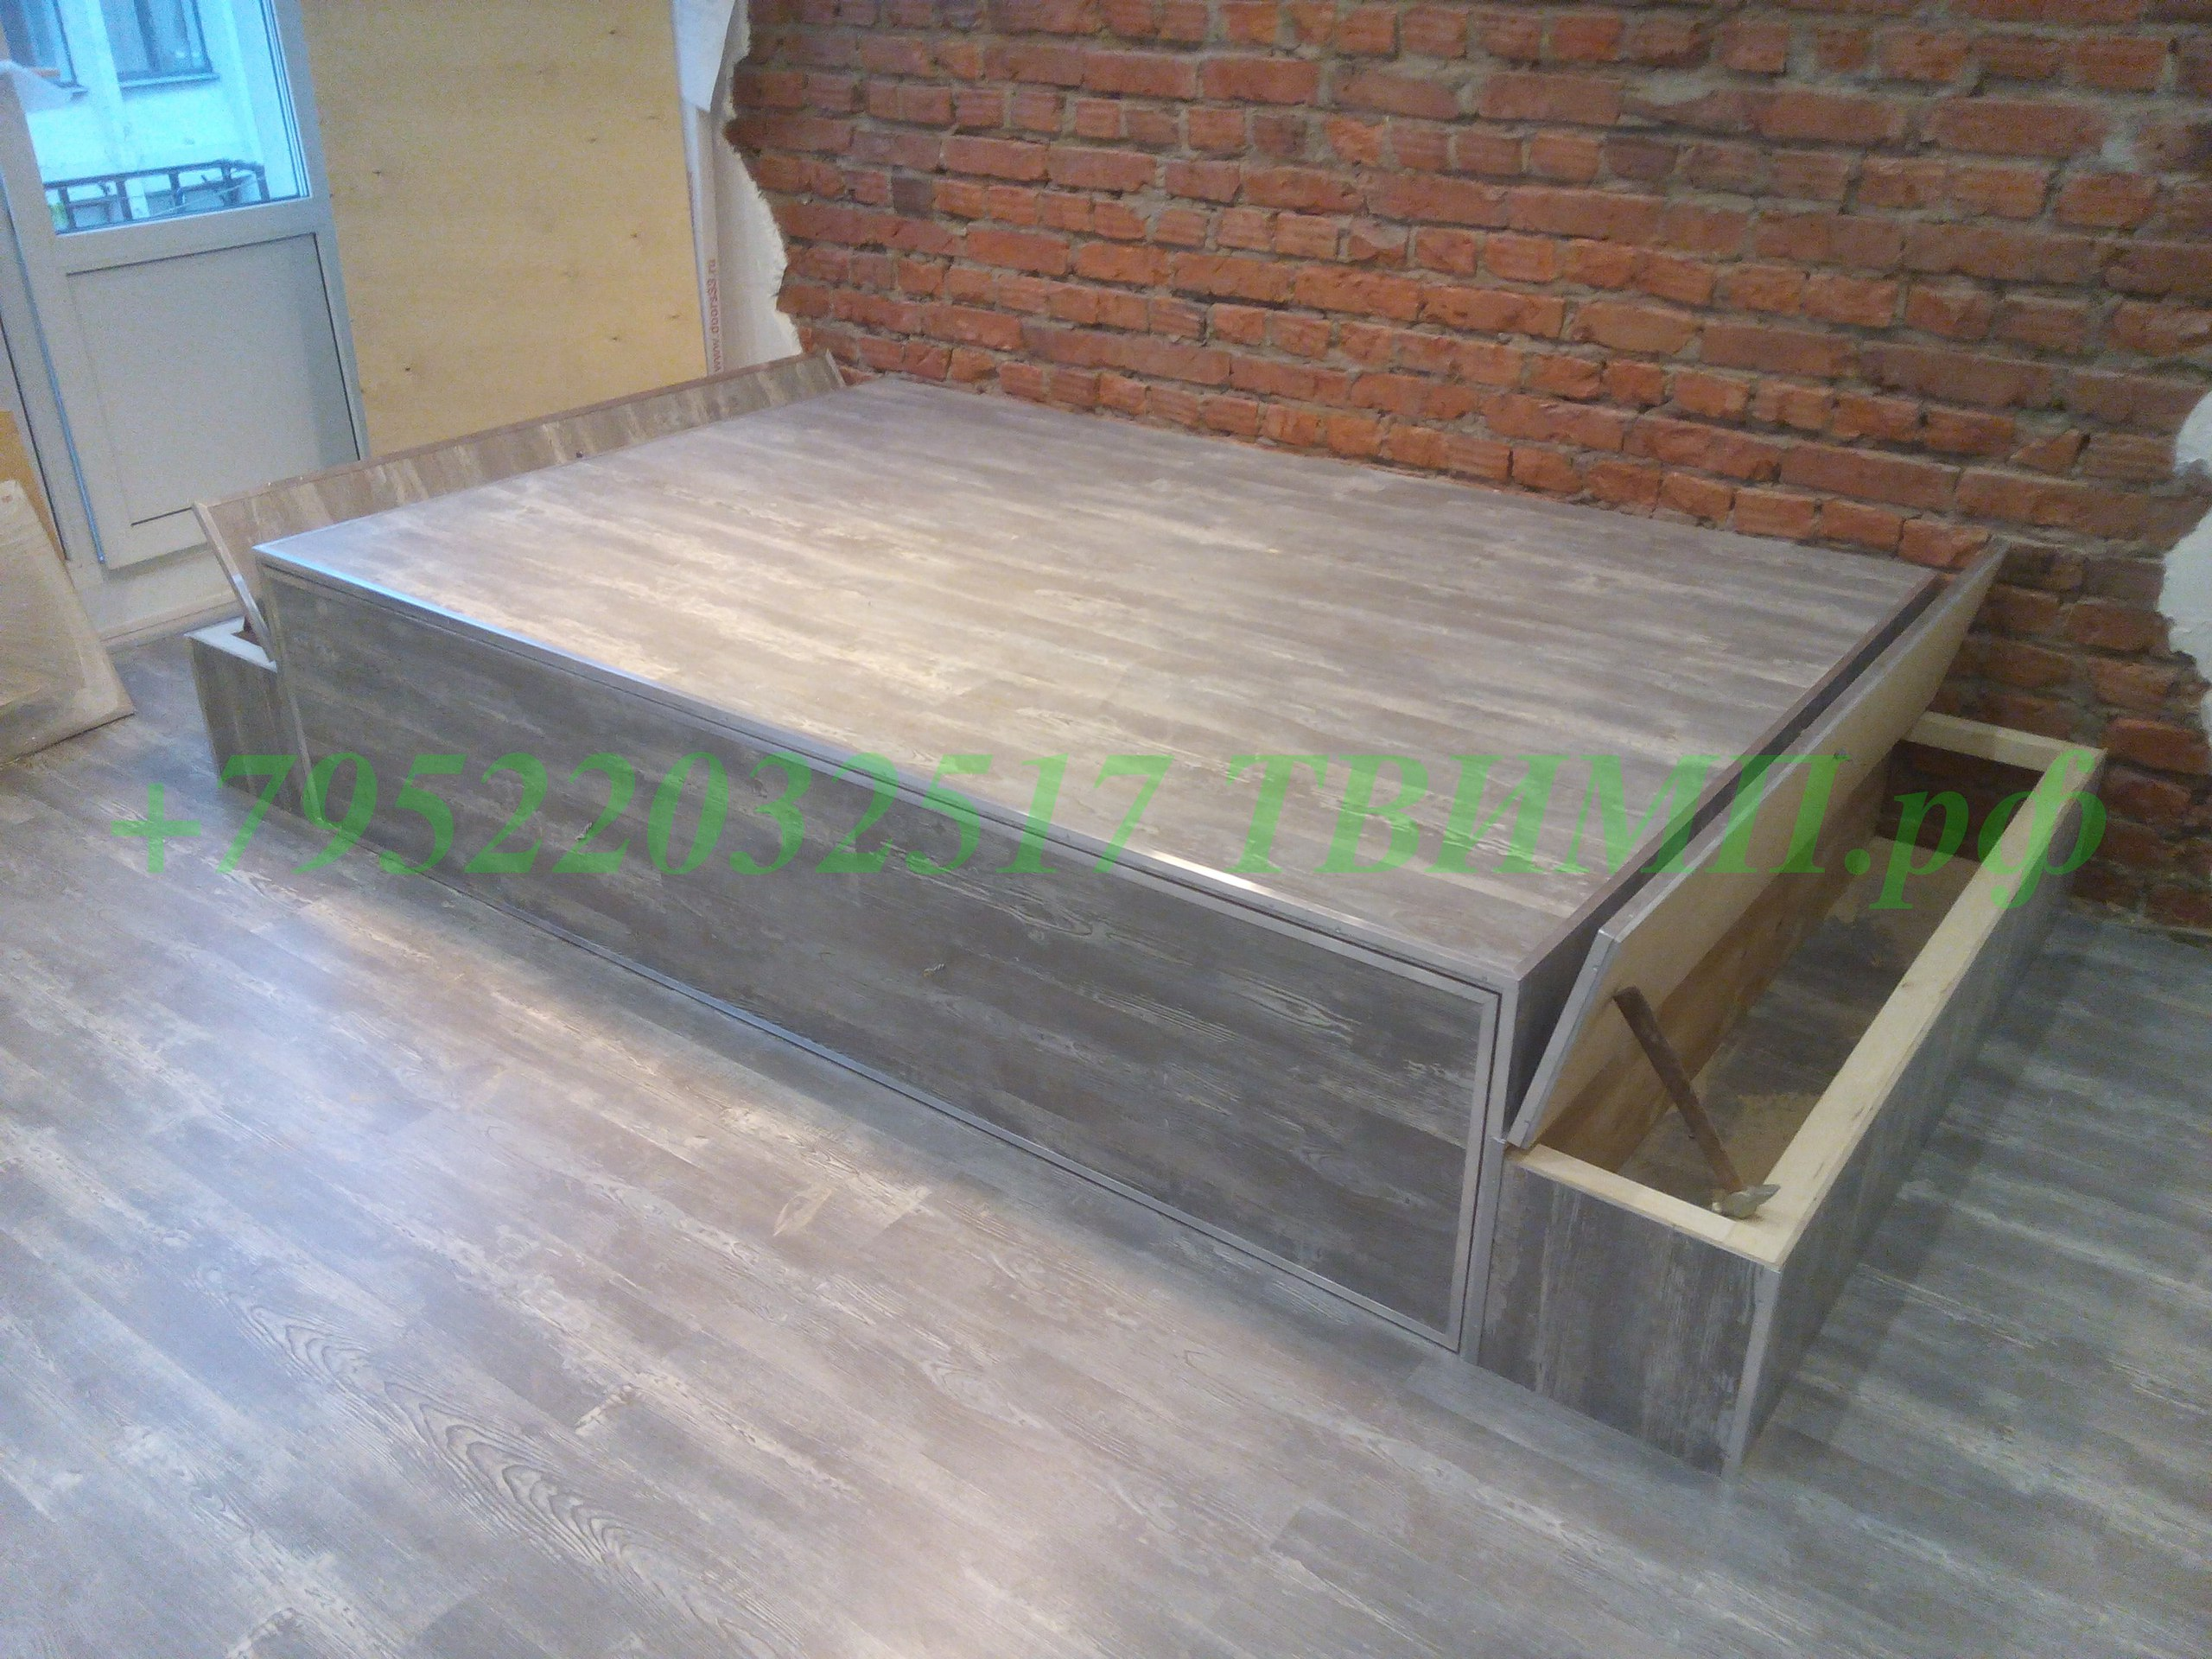 Решение для маленькой квартиры - кровать в подиуме!